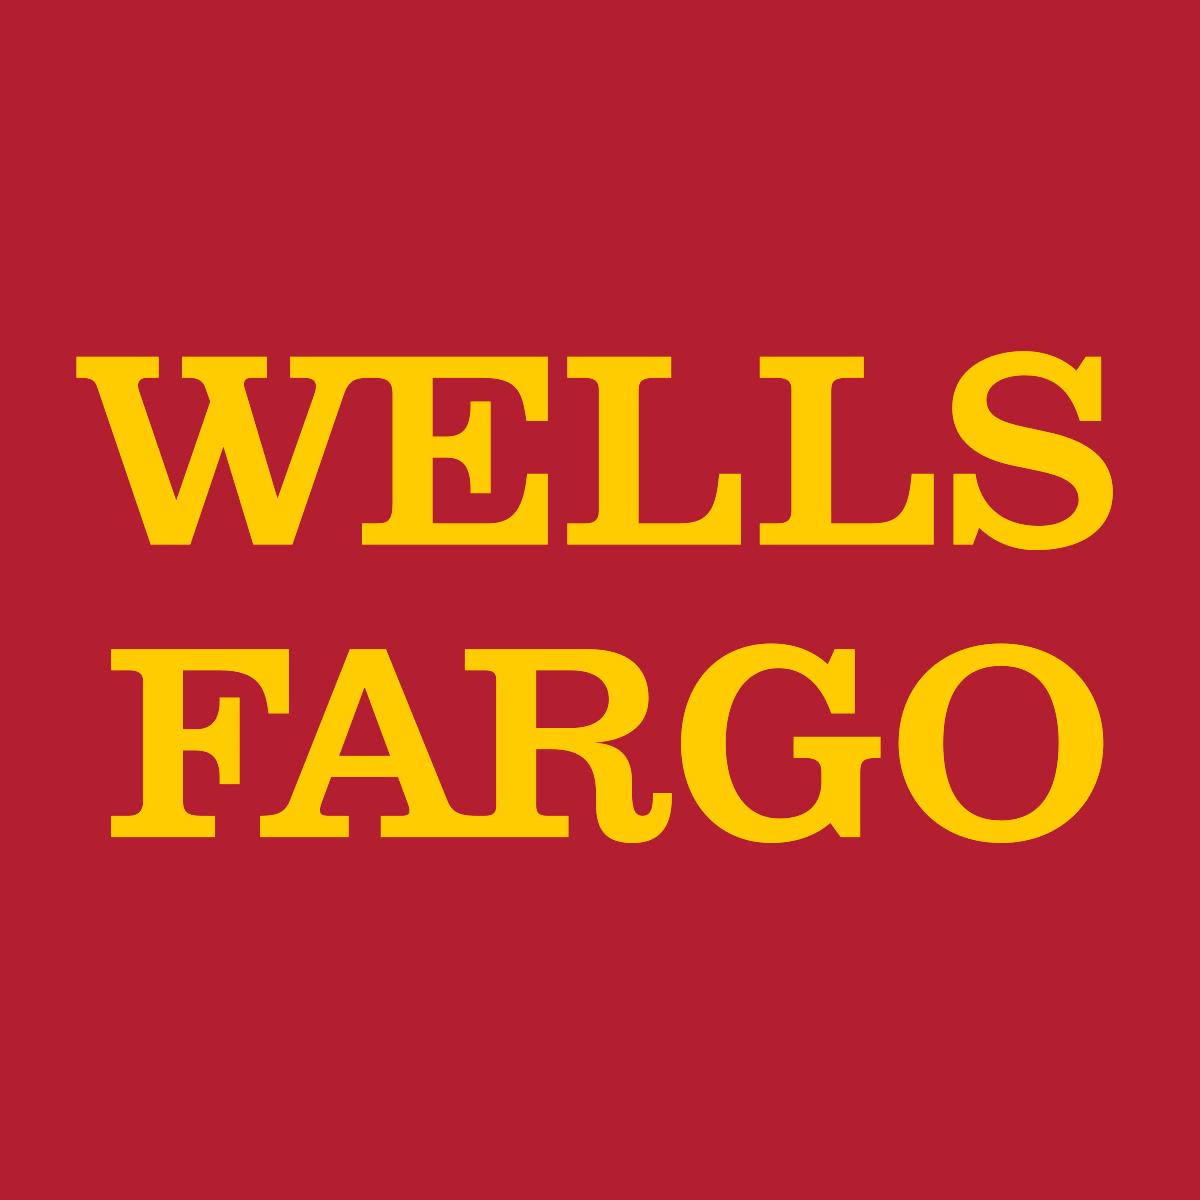 Wells_Fargo_Bank.png